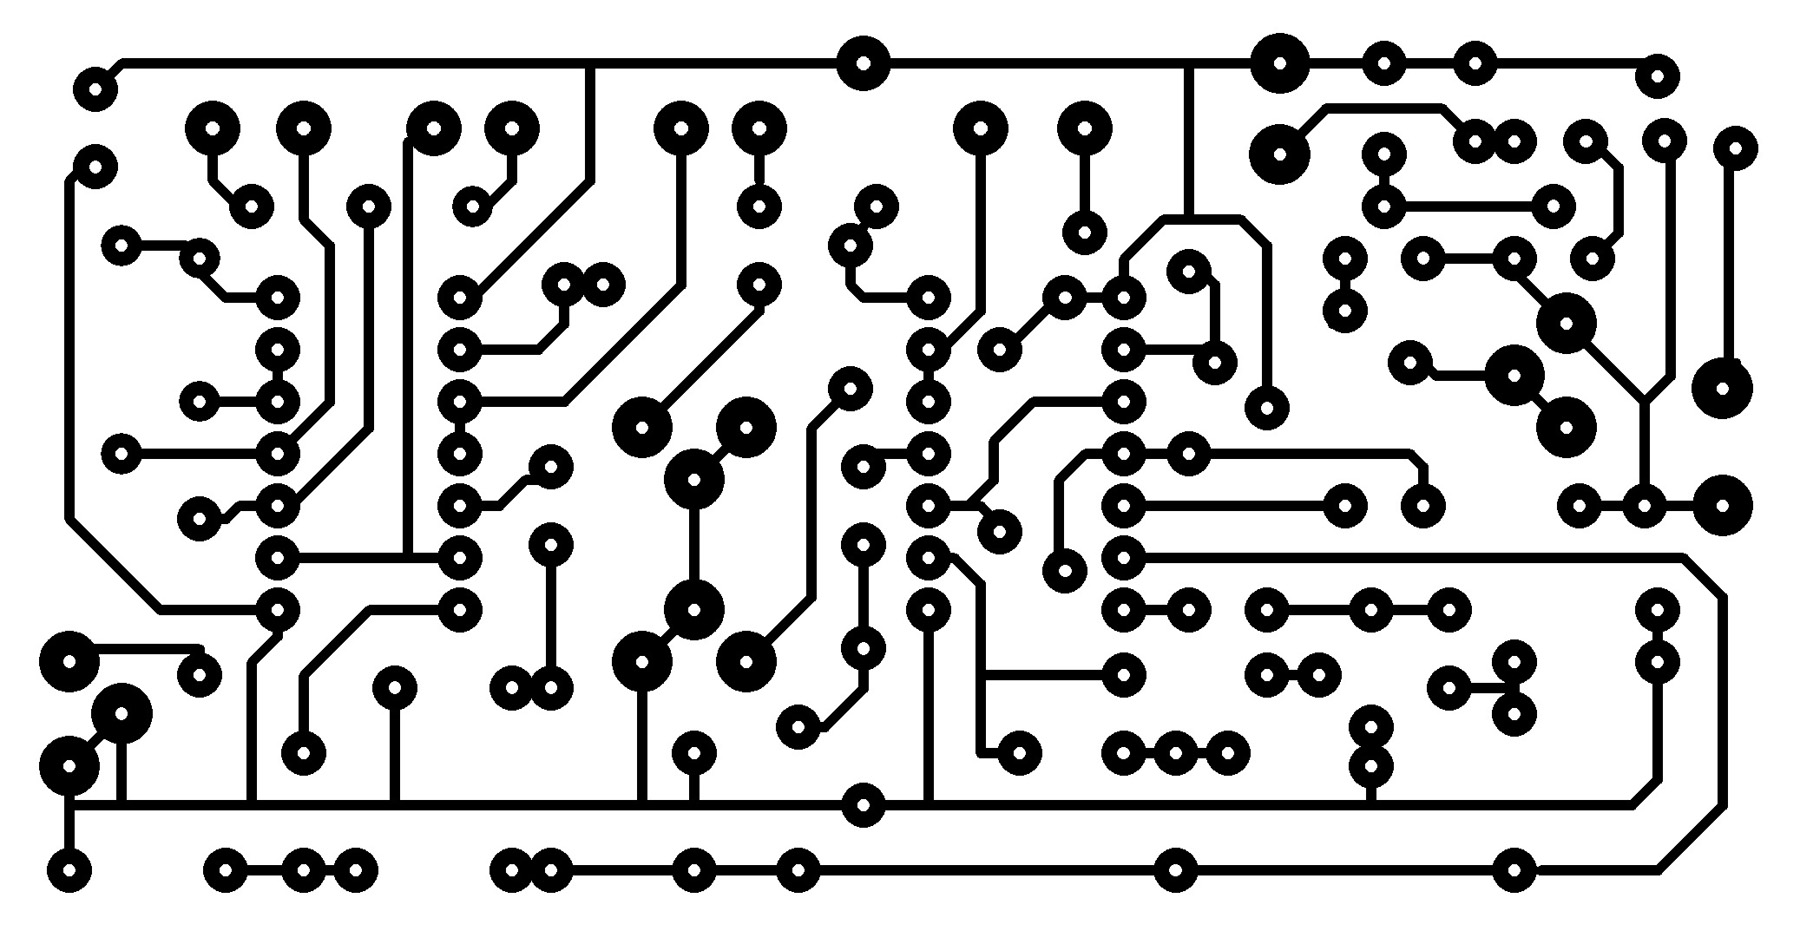 схема генератора на мс для ик-диодов